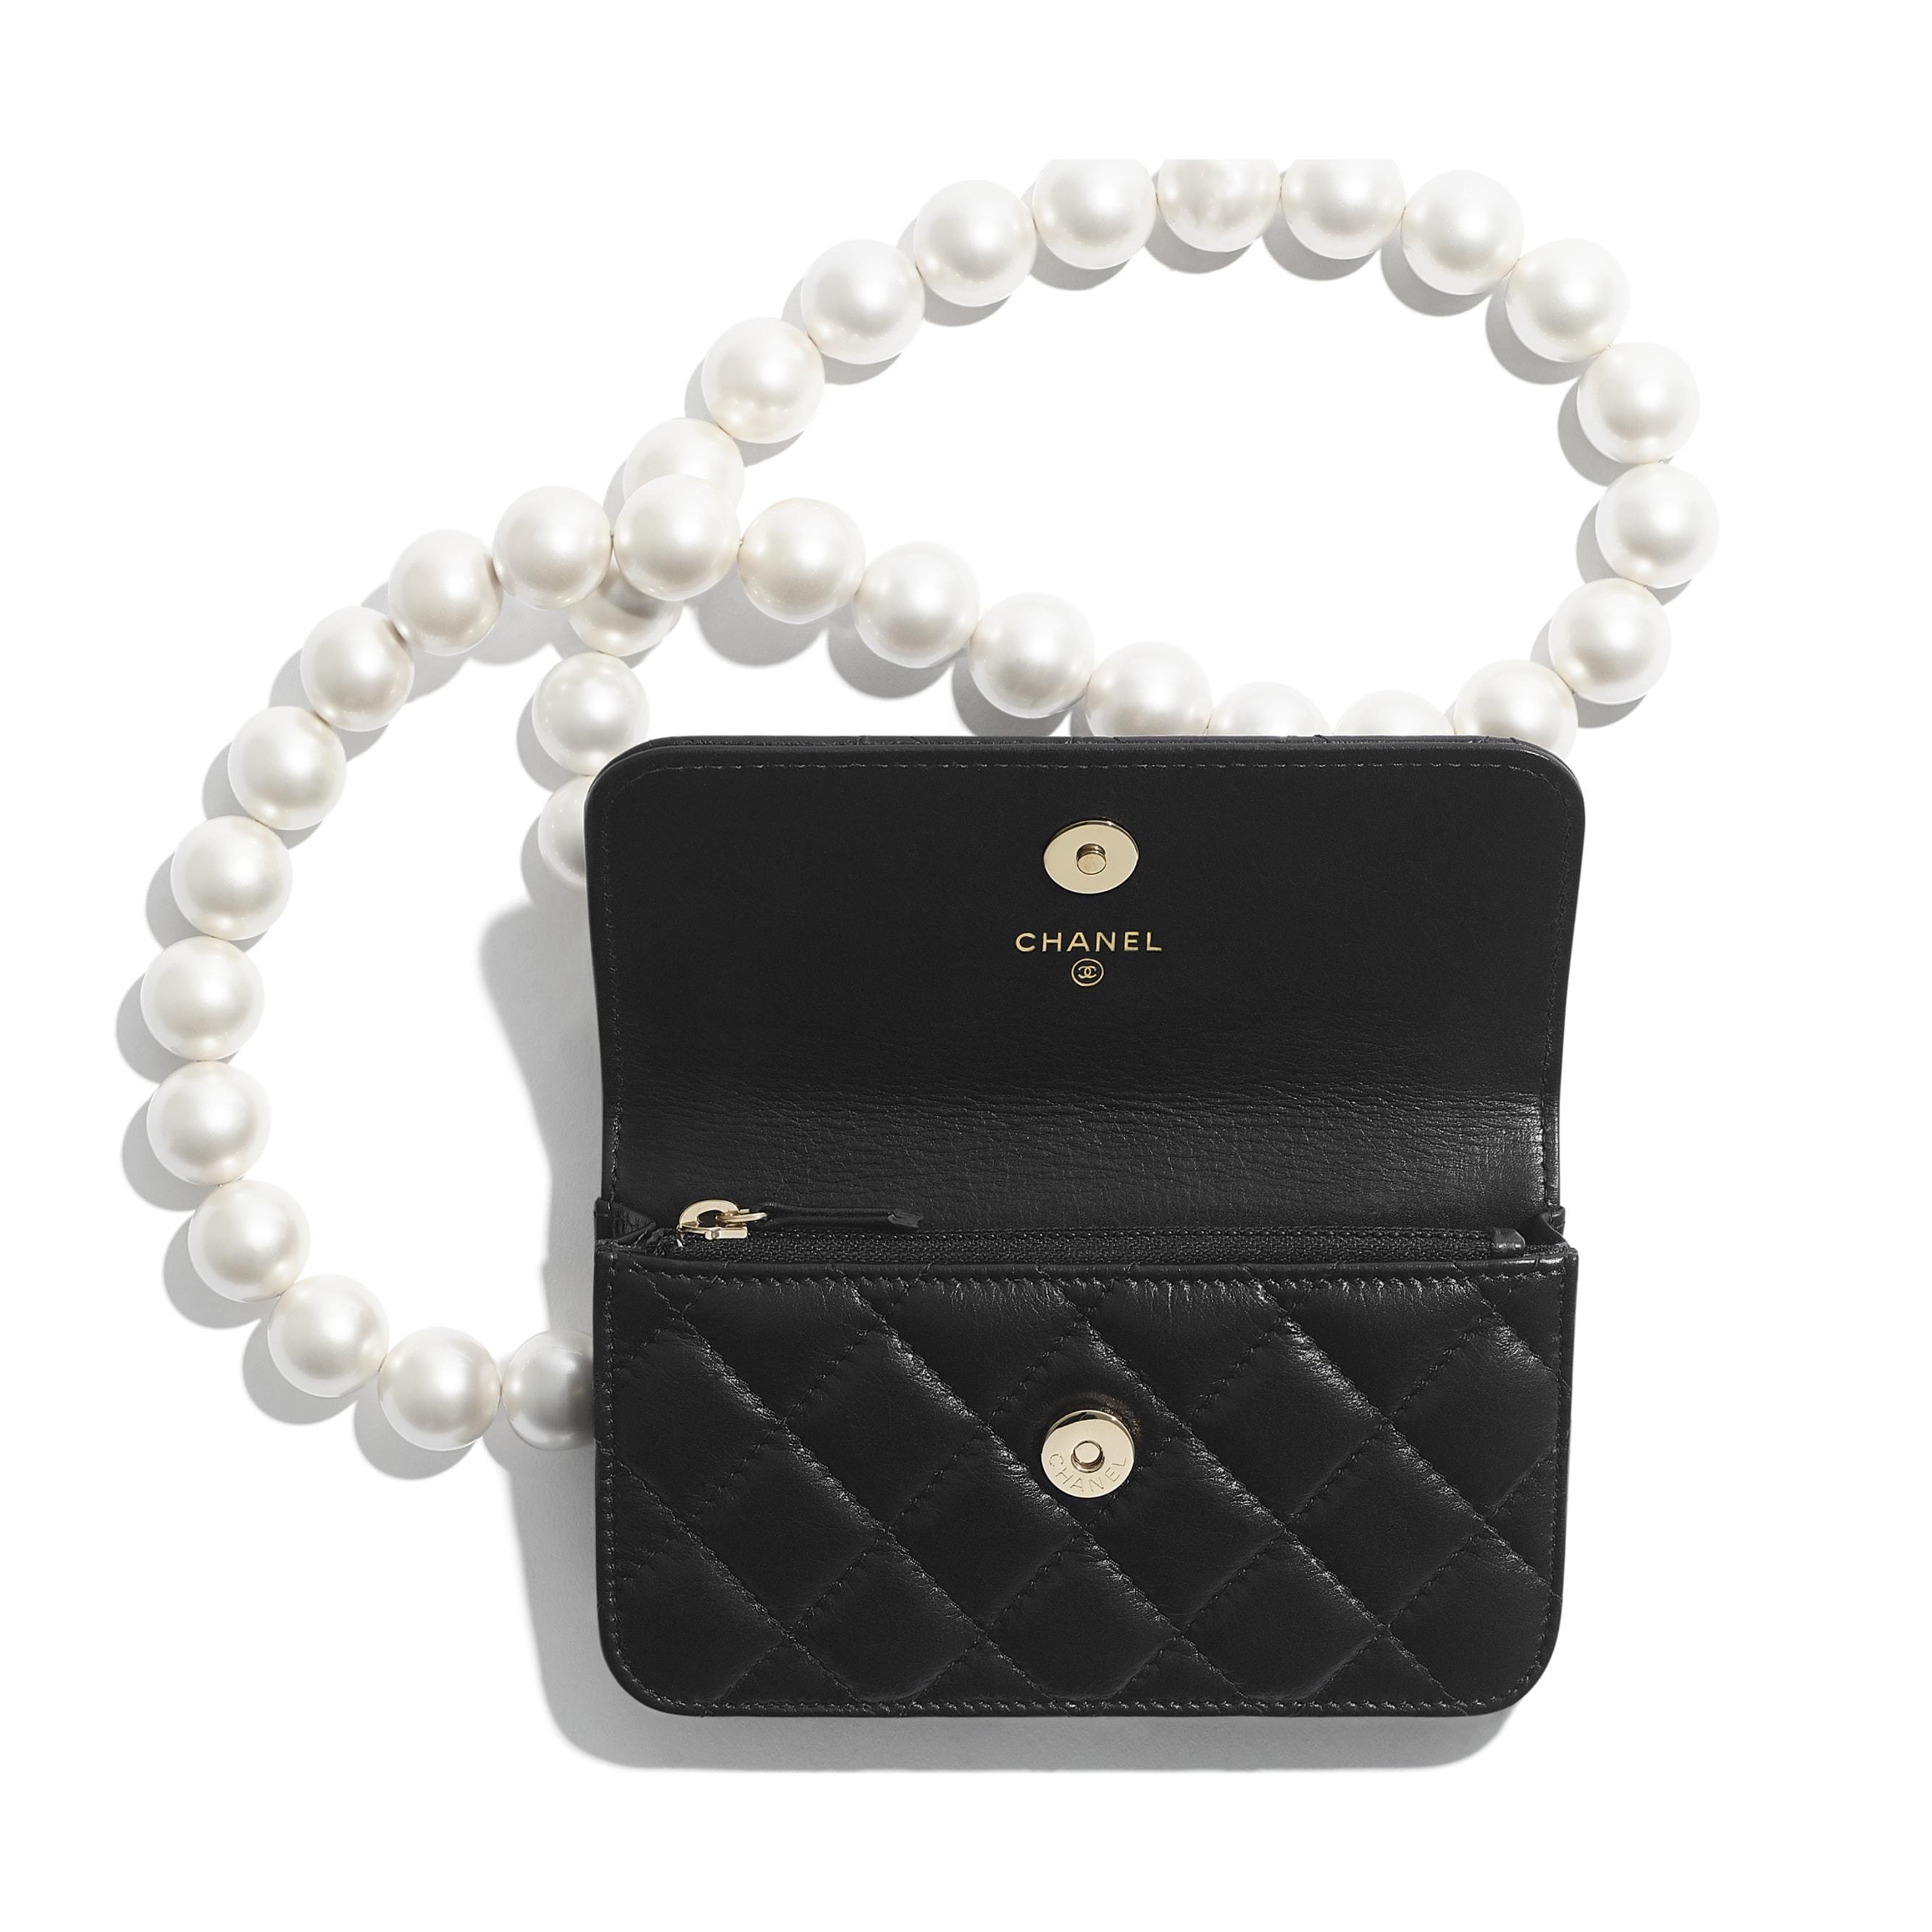 Bolso de mano con cadena - Negro - Piel de ternera, perlas artificiales y metal dorado - CHANEL - Vista alternativa - ver la versión tamaño estándar